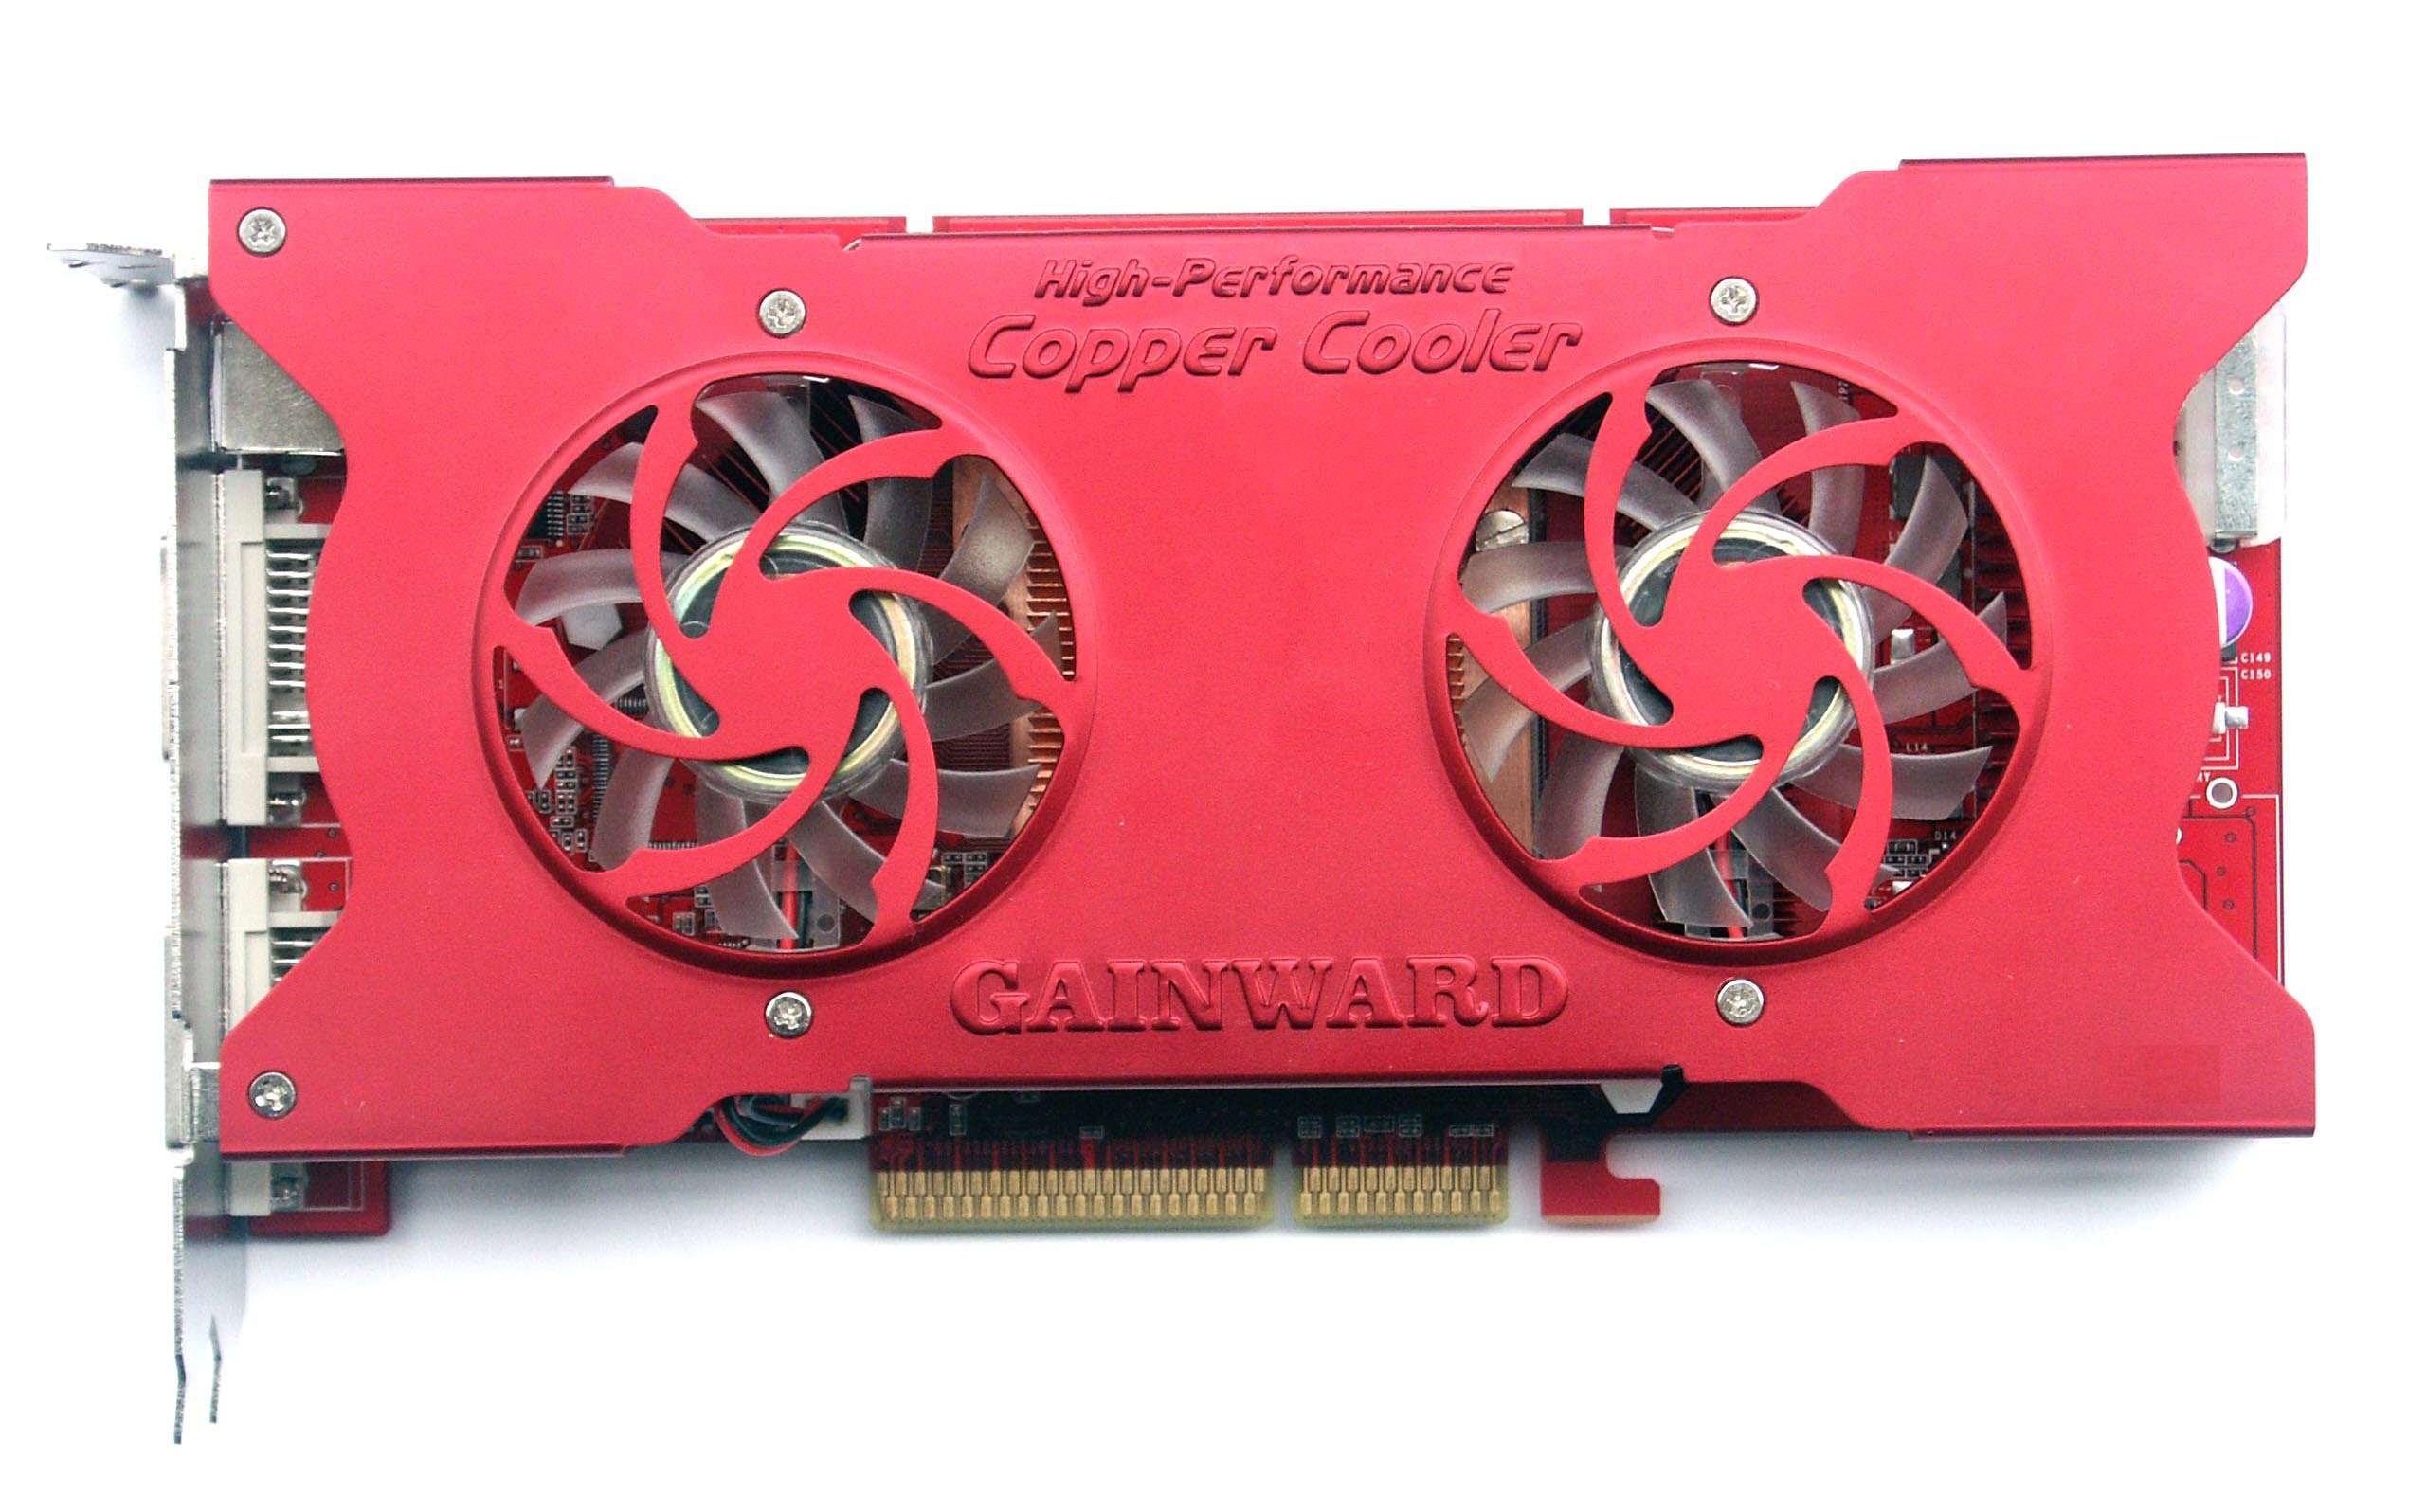 Niereferent doskonały? Testujemy Gainward RTX 2080 SUPER - jest moc! 17